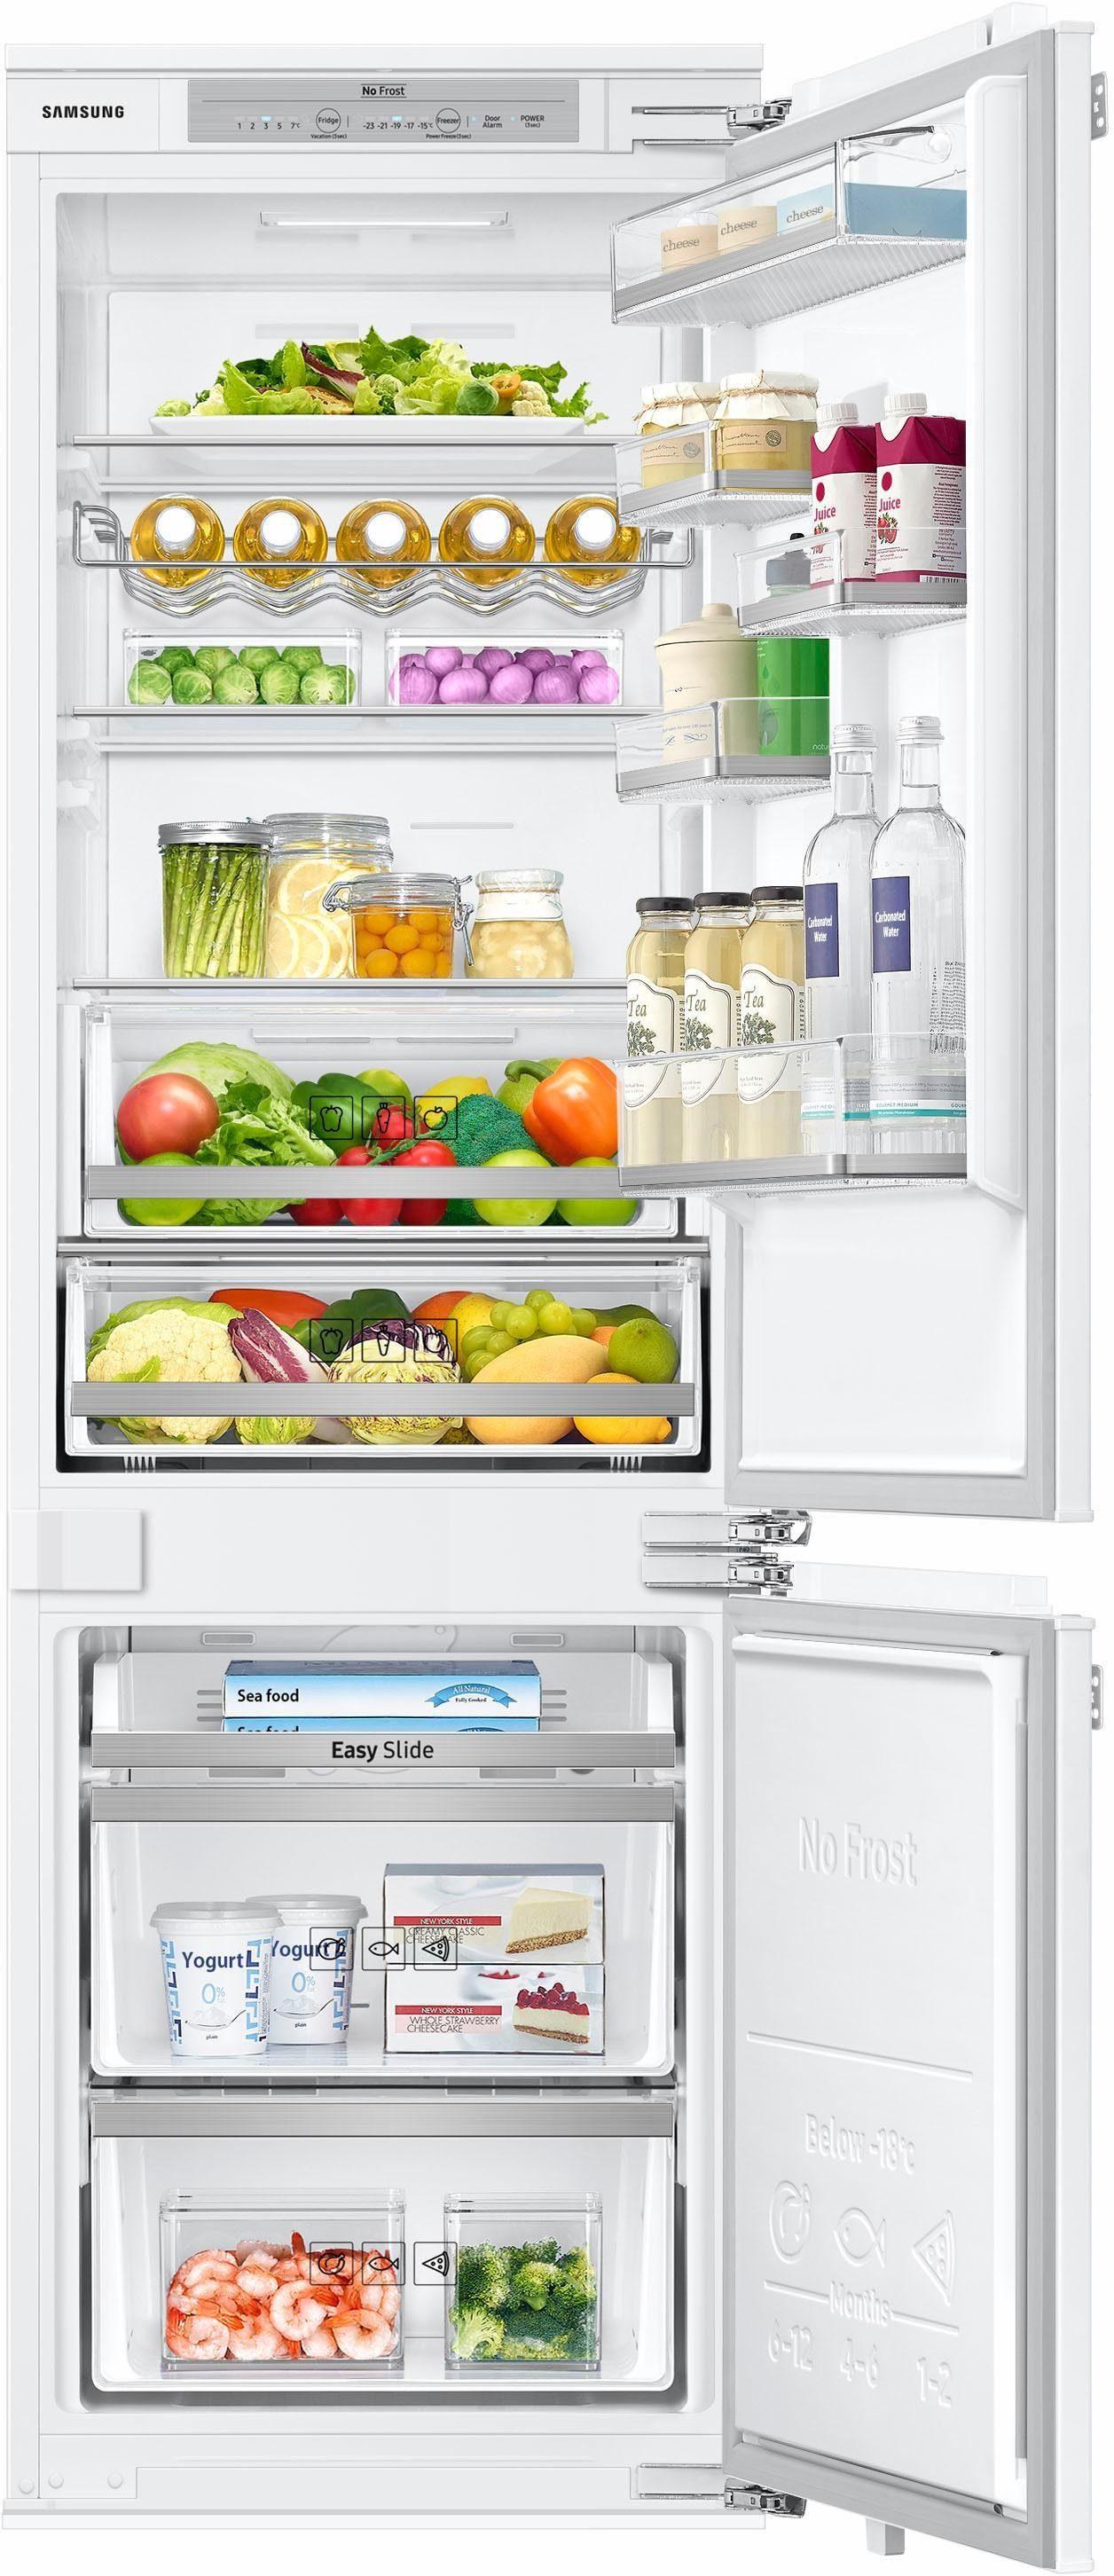 Samsung Einbau-Kühl-Gefrierkombination BRB2G0130WW/EG, Energieeffizienzklasse A+